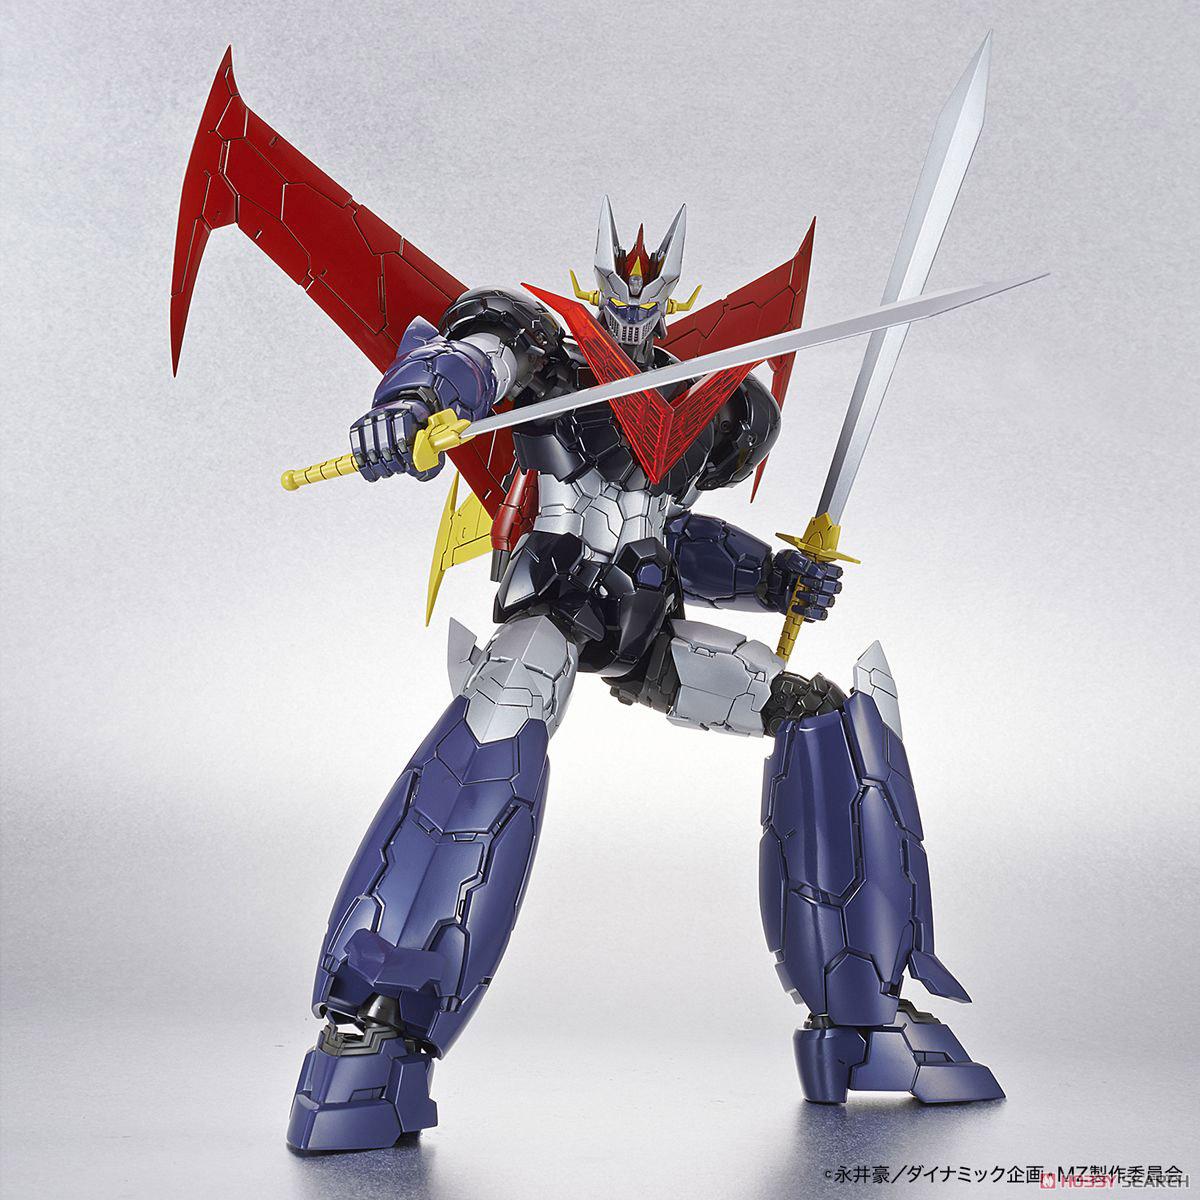 【再販】HG 1/144『グレートマジンガー(マジンガーZ INFINITY Ver.)』プラモデル-008